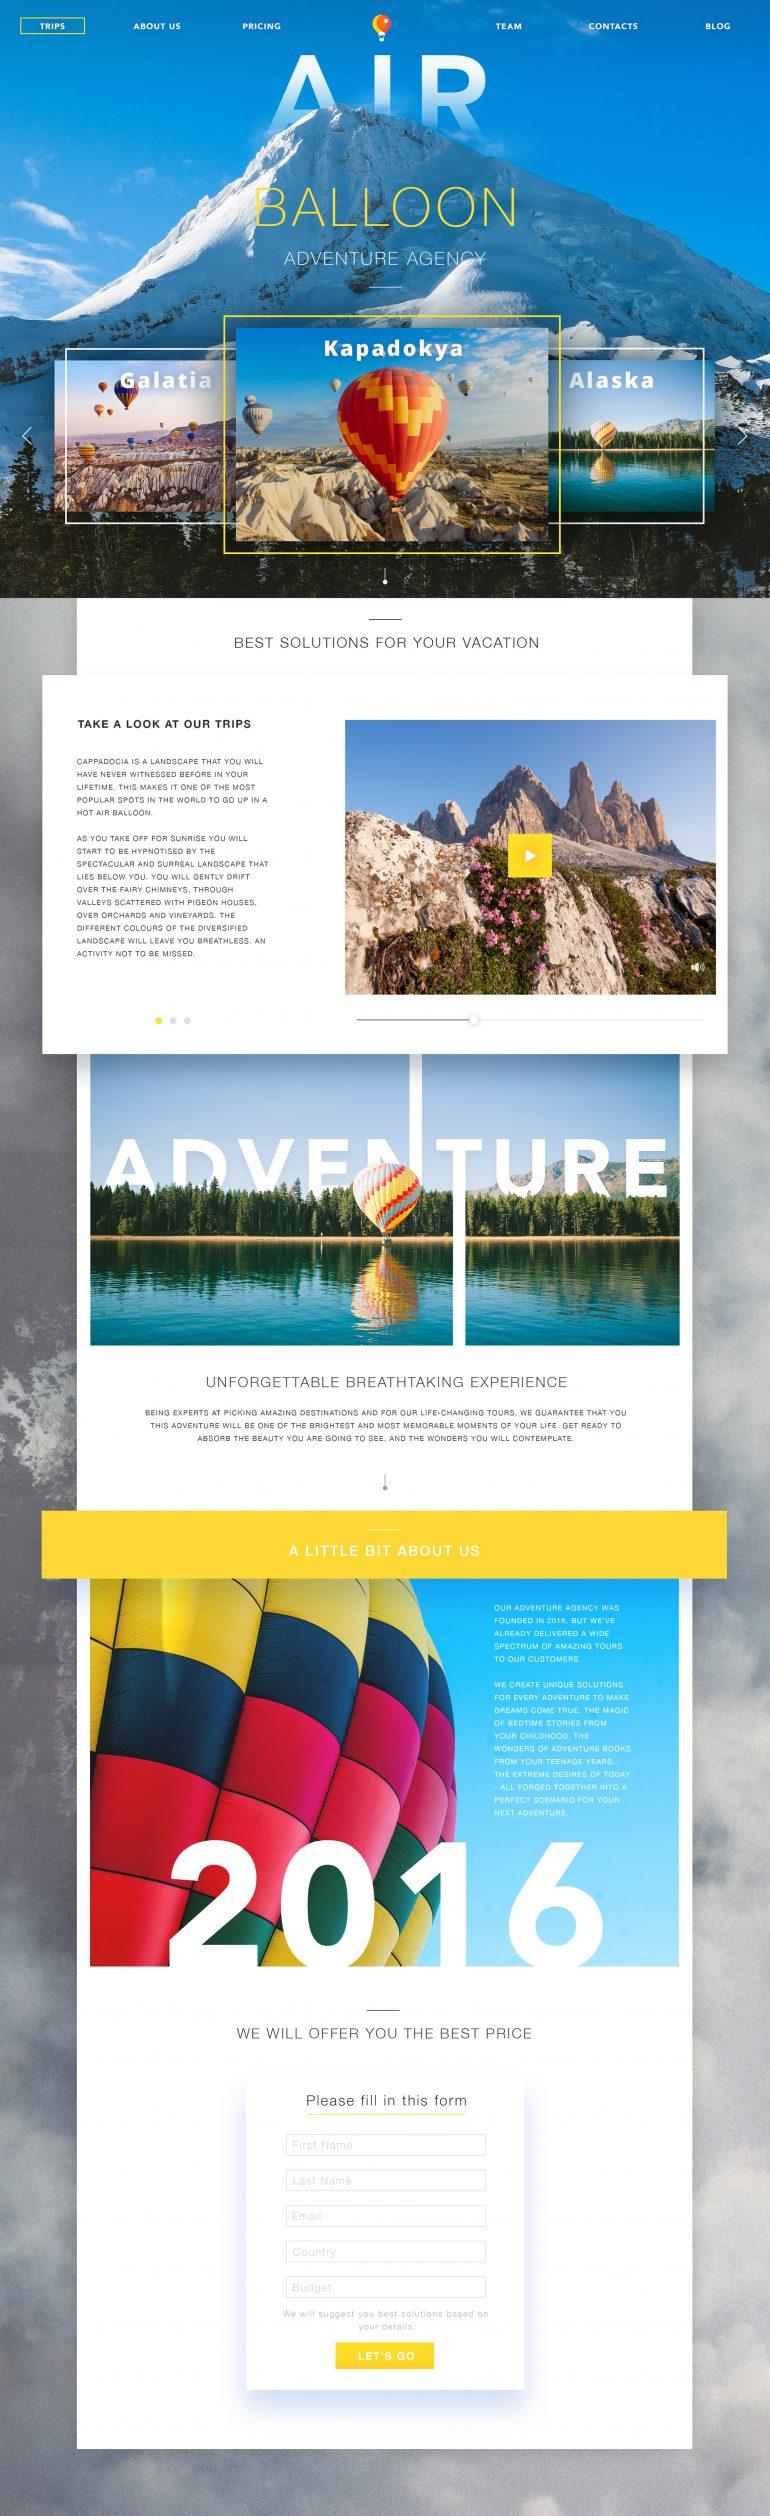 Adventure Agency Website by Valentyn Khenkin